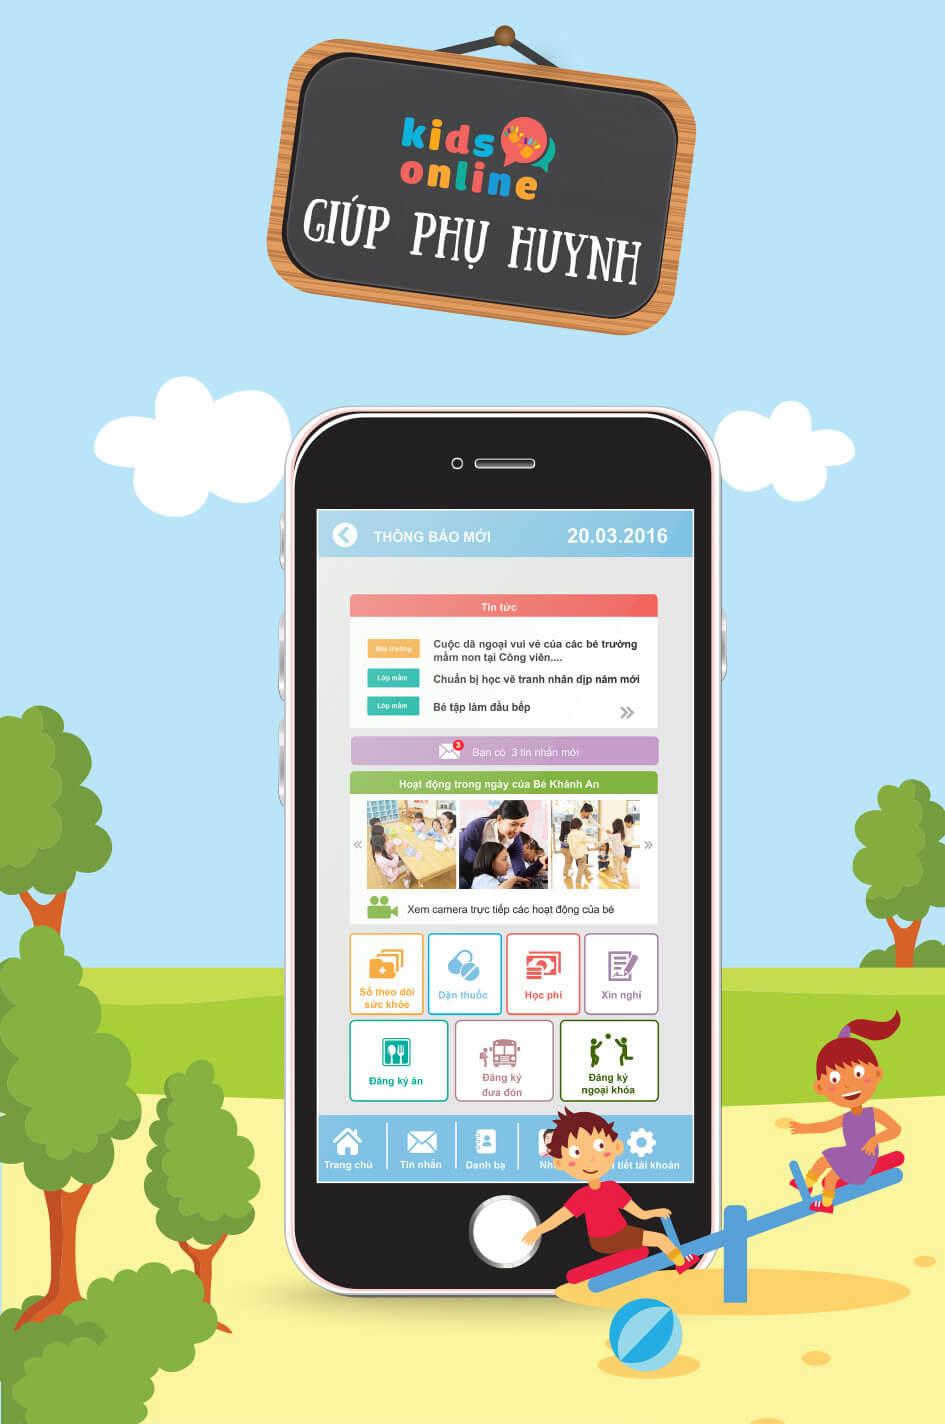 kid online brochure_BAN IN